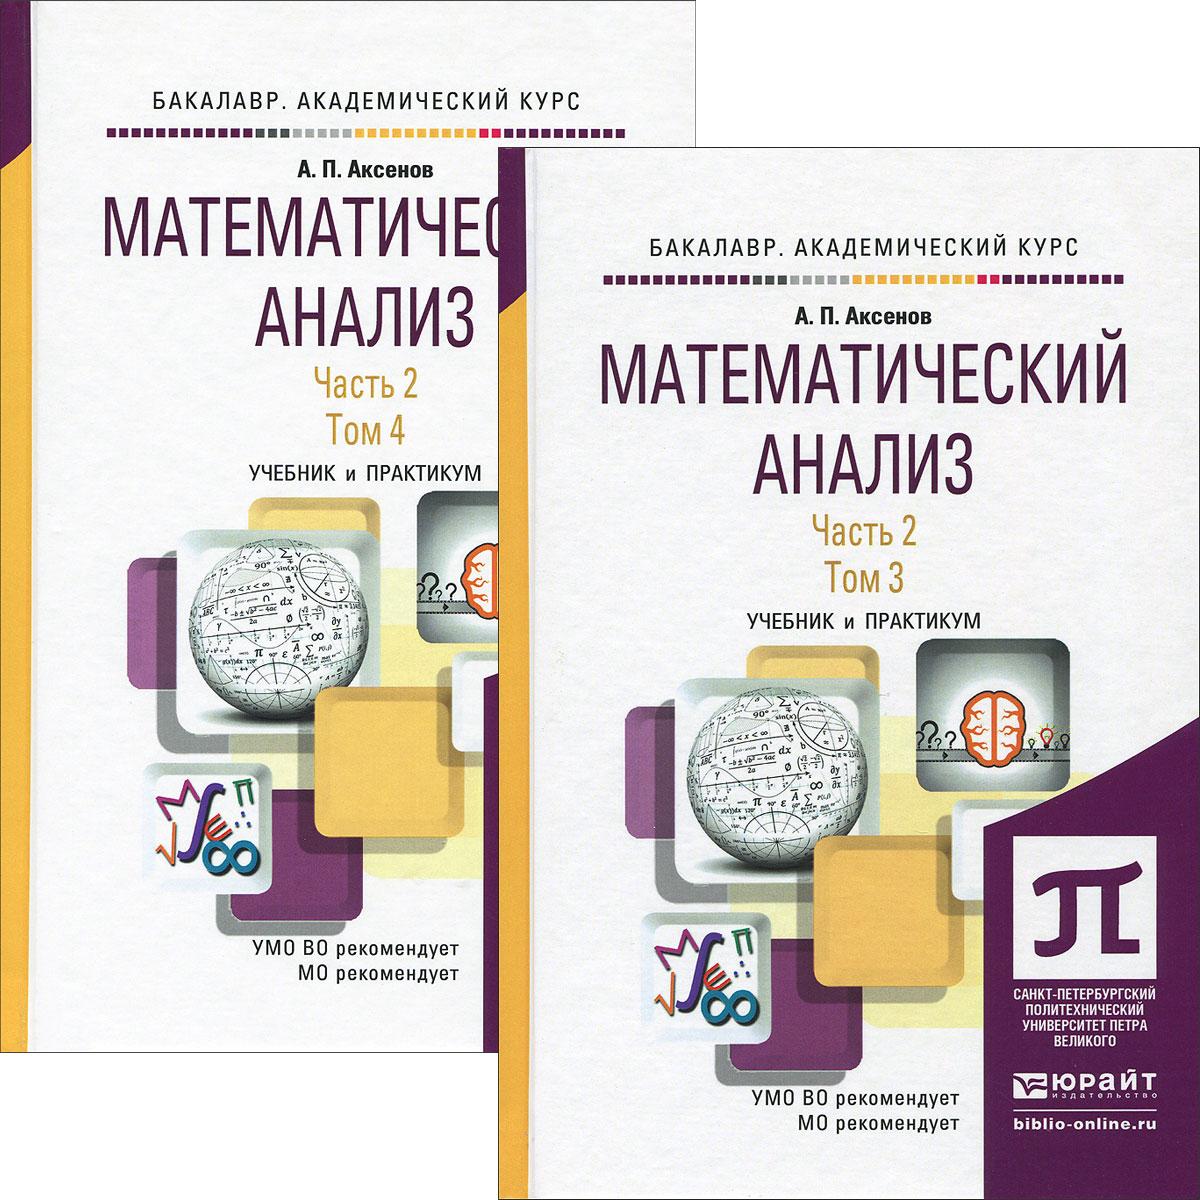 Математический анализ. Учебник и практикум. В 2 частях. Часть 2. Том 3-4 (комплект из 2 книг)